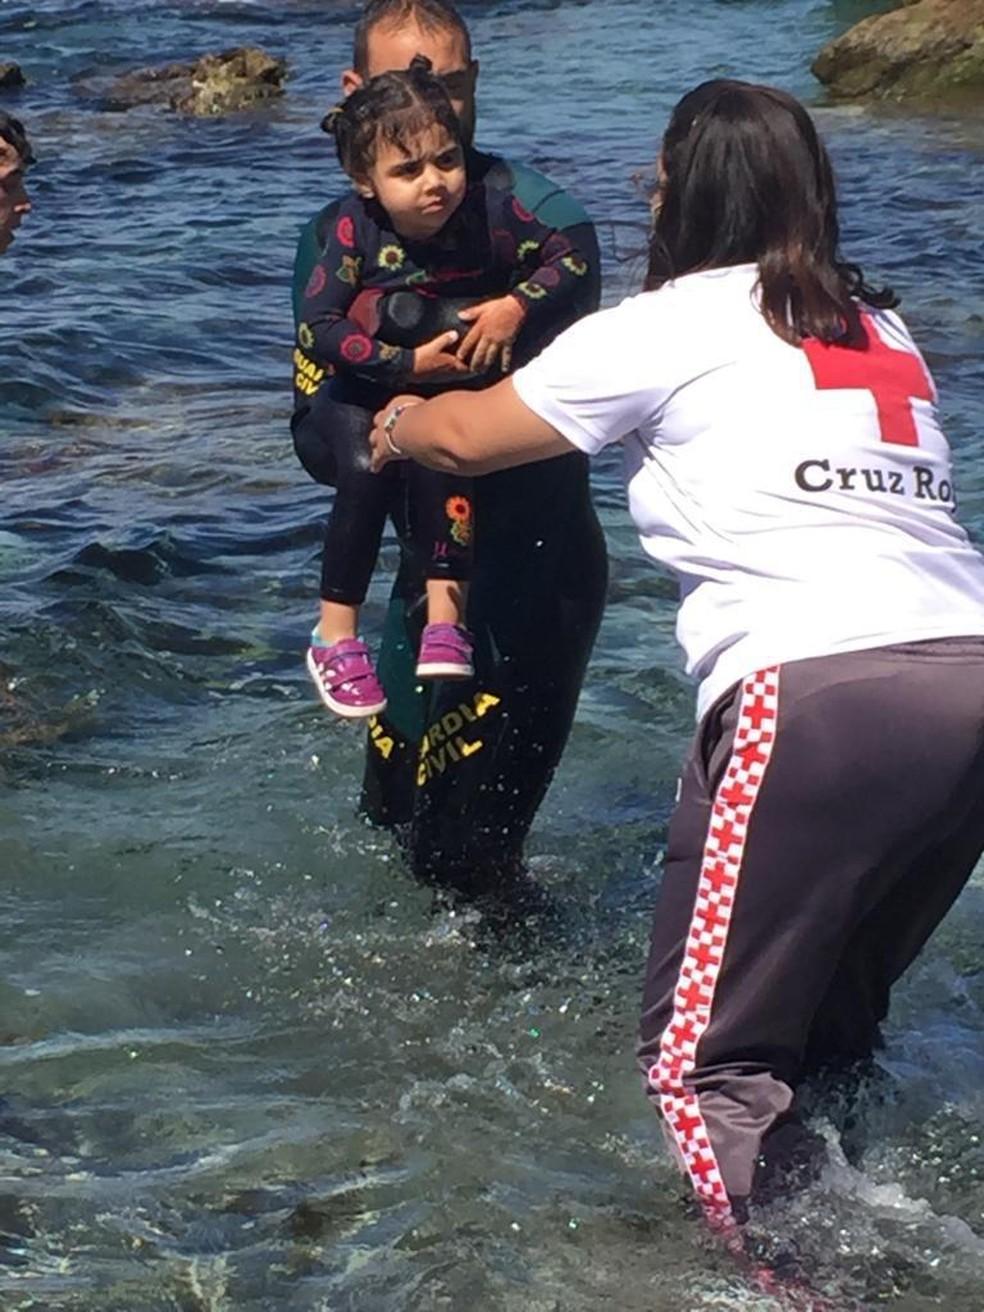 Menina é resgatada ao chegar em Ceuta, território espanhol no norte da África, nesta terça (18) — Foto: Guarda Civil/Reprodução